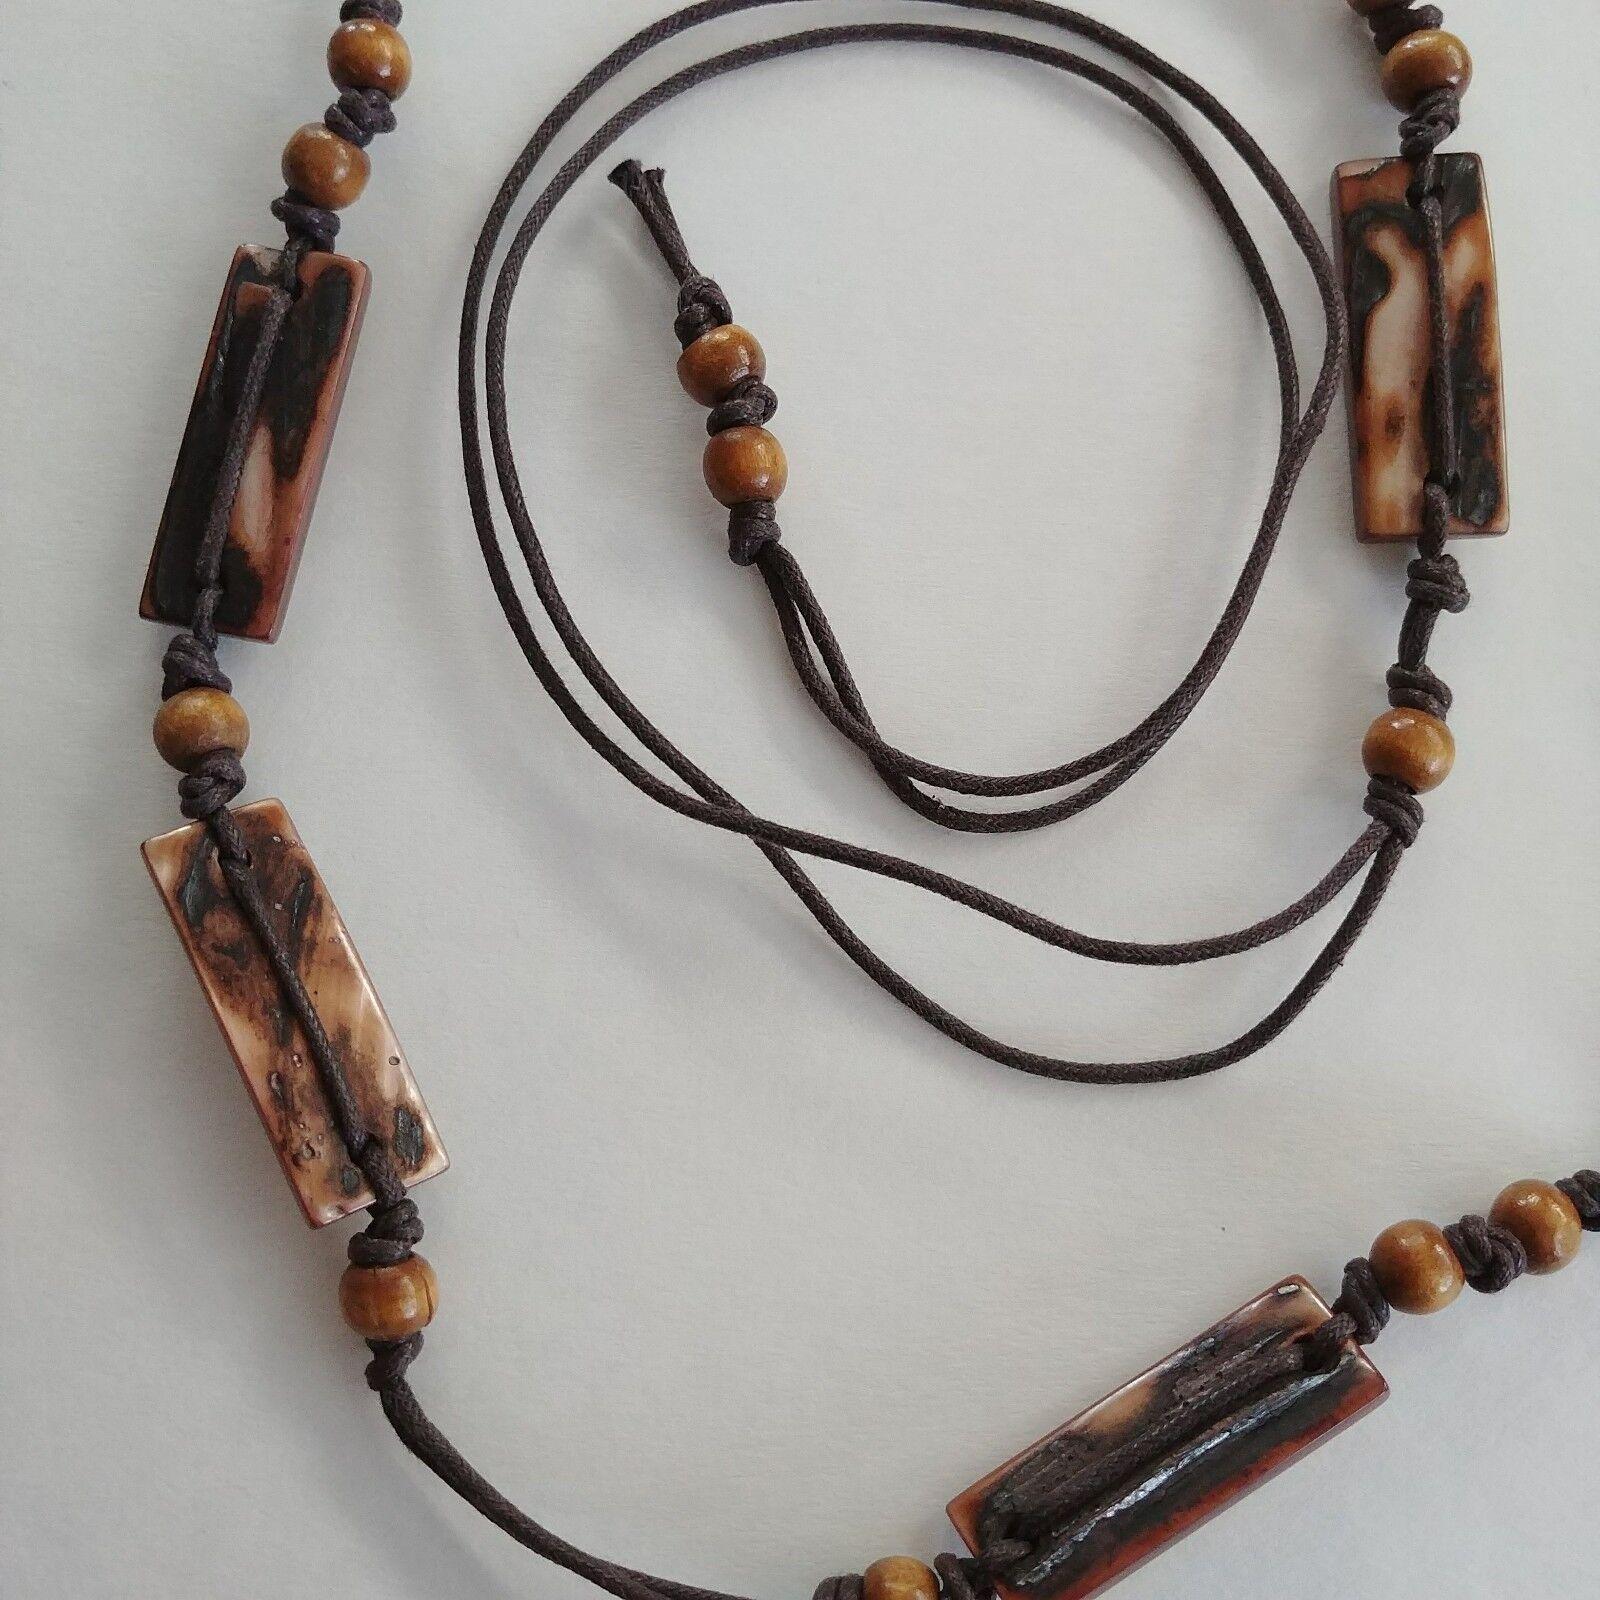 Krawatte Kunst Stein Holz Perlen Boho Chic Brown Einzigartig Belt (2.5cm x 94cm)